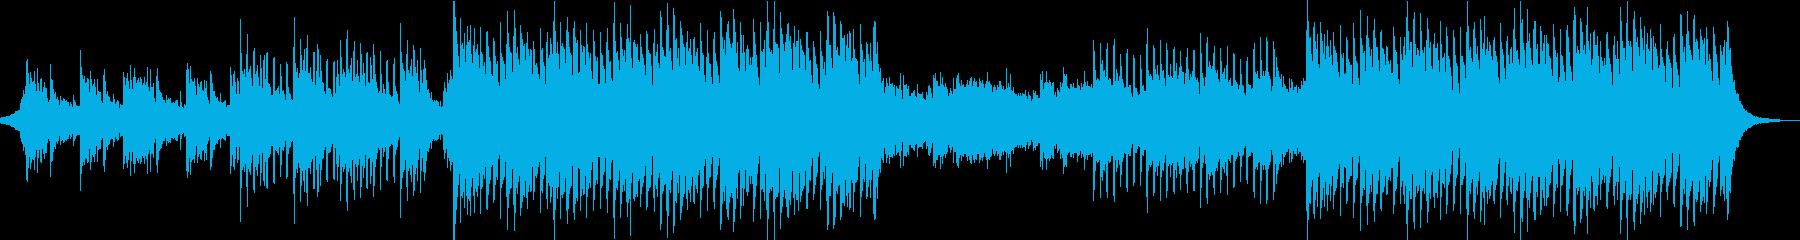 疾走感・希望・前向き・CM・オープニングの再生済みの波形